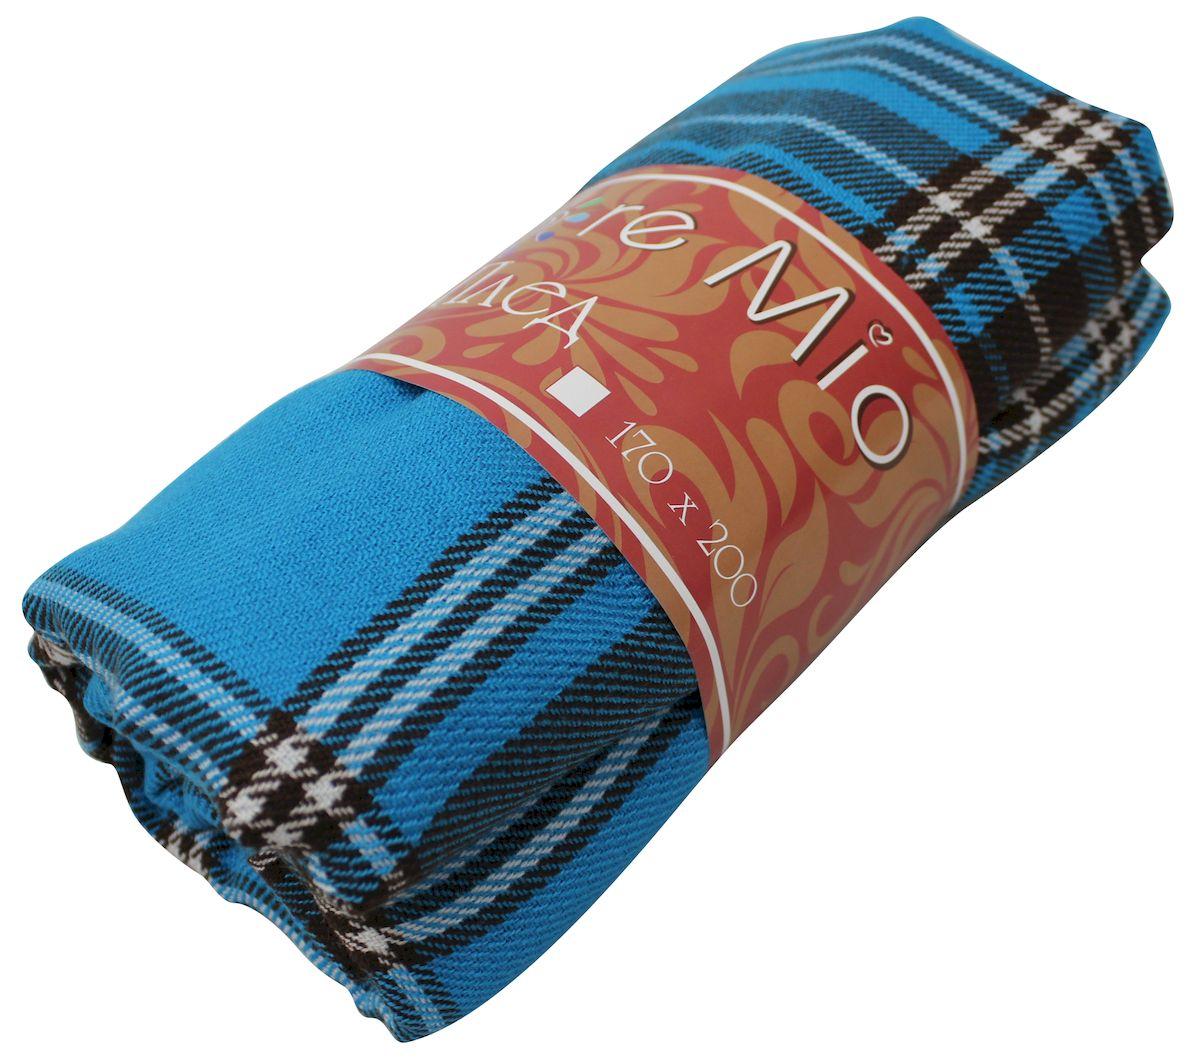 Плед Amore Mio Azure, 150 х 200 см78889Мягкий, теплый и уютный плед с кистями Amore Mio изготовлен из 100% акрила. Не зря в народе за акрилом закрепилось имя искусственной шерсти. Акриловое волокно великолепно удерживает тепло, оно практично и долговечно. Еще одно преимущество - в цене, так как по факту акрил значительно дешевле натуральной шерсти.